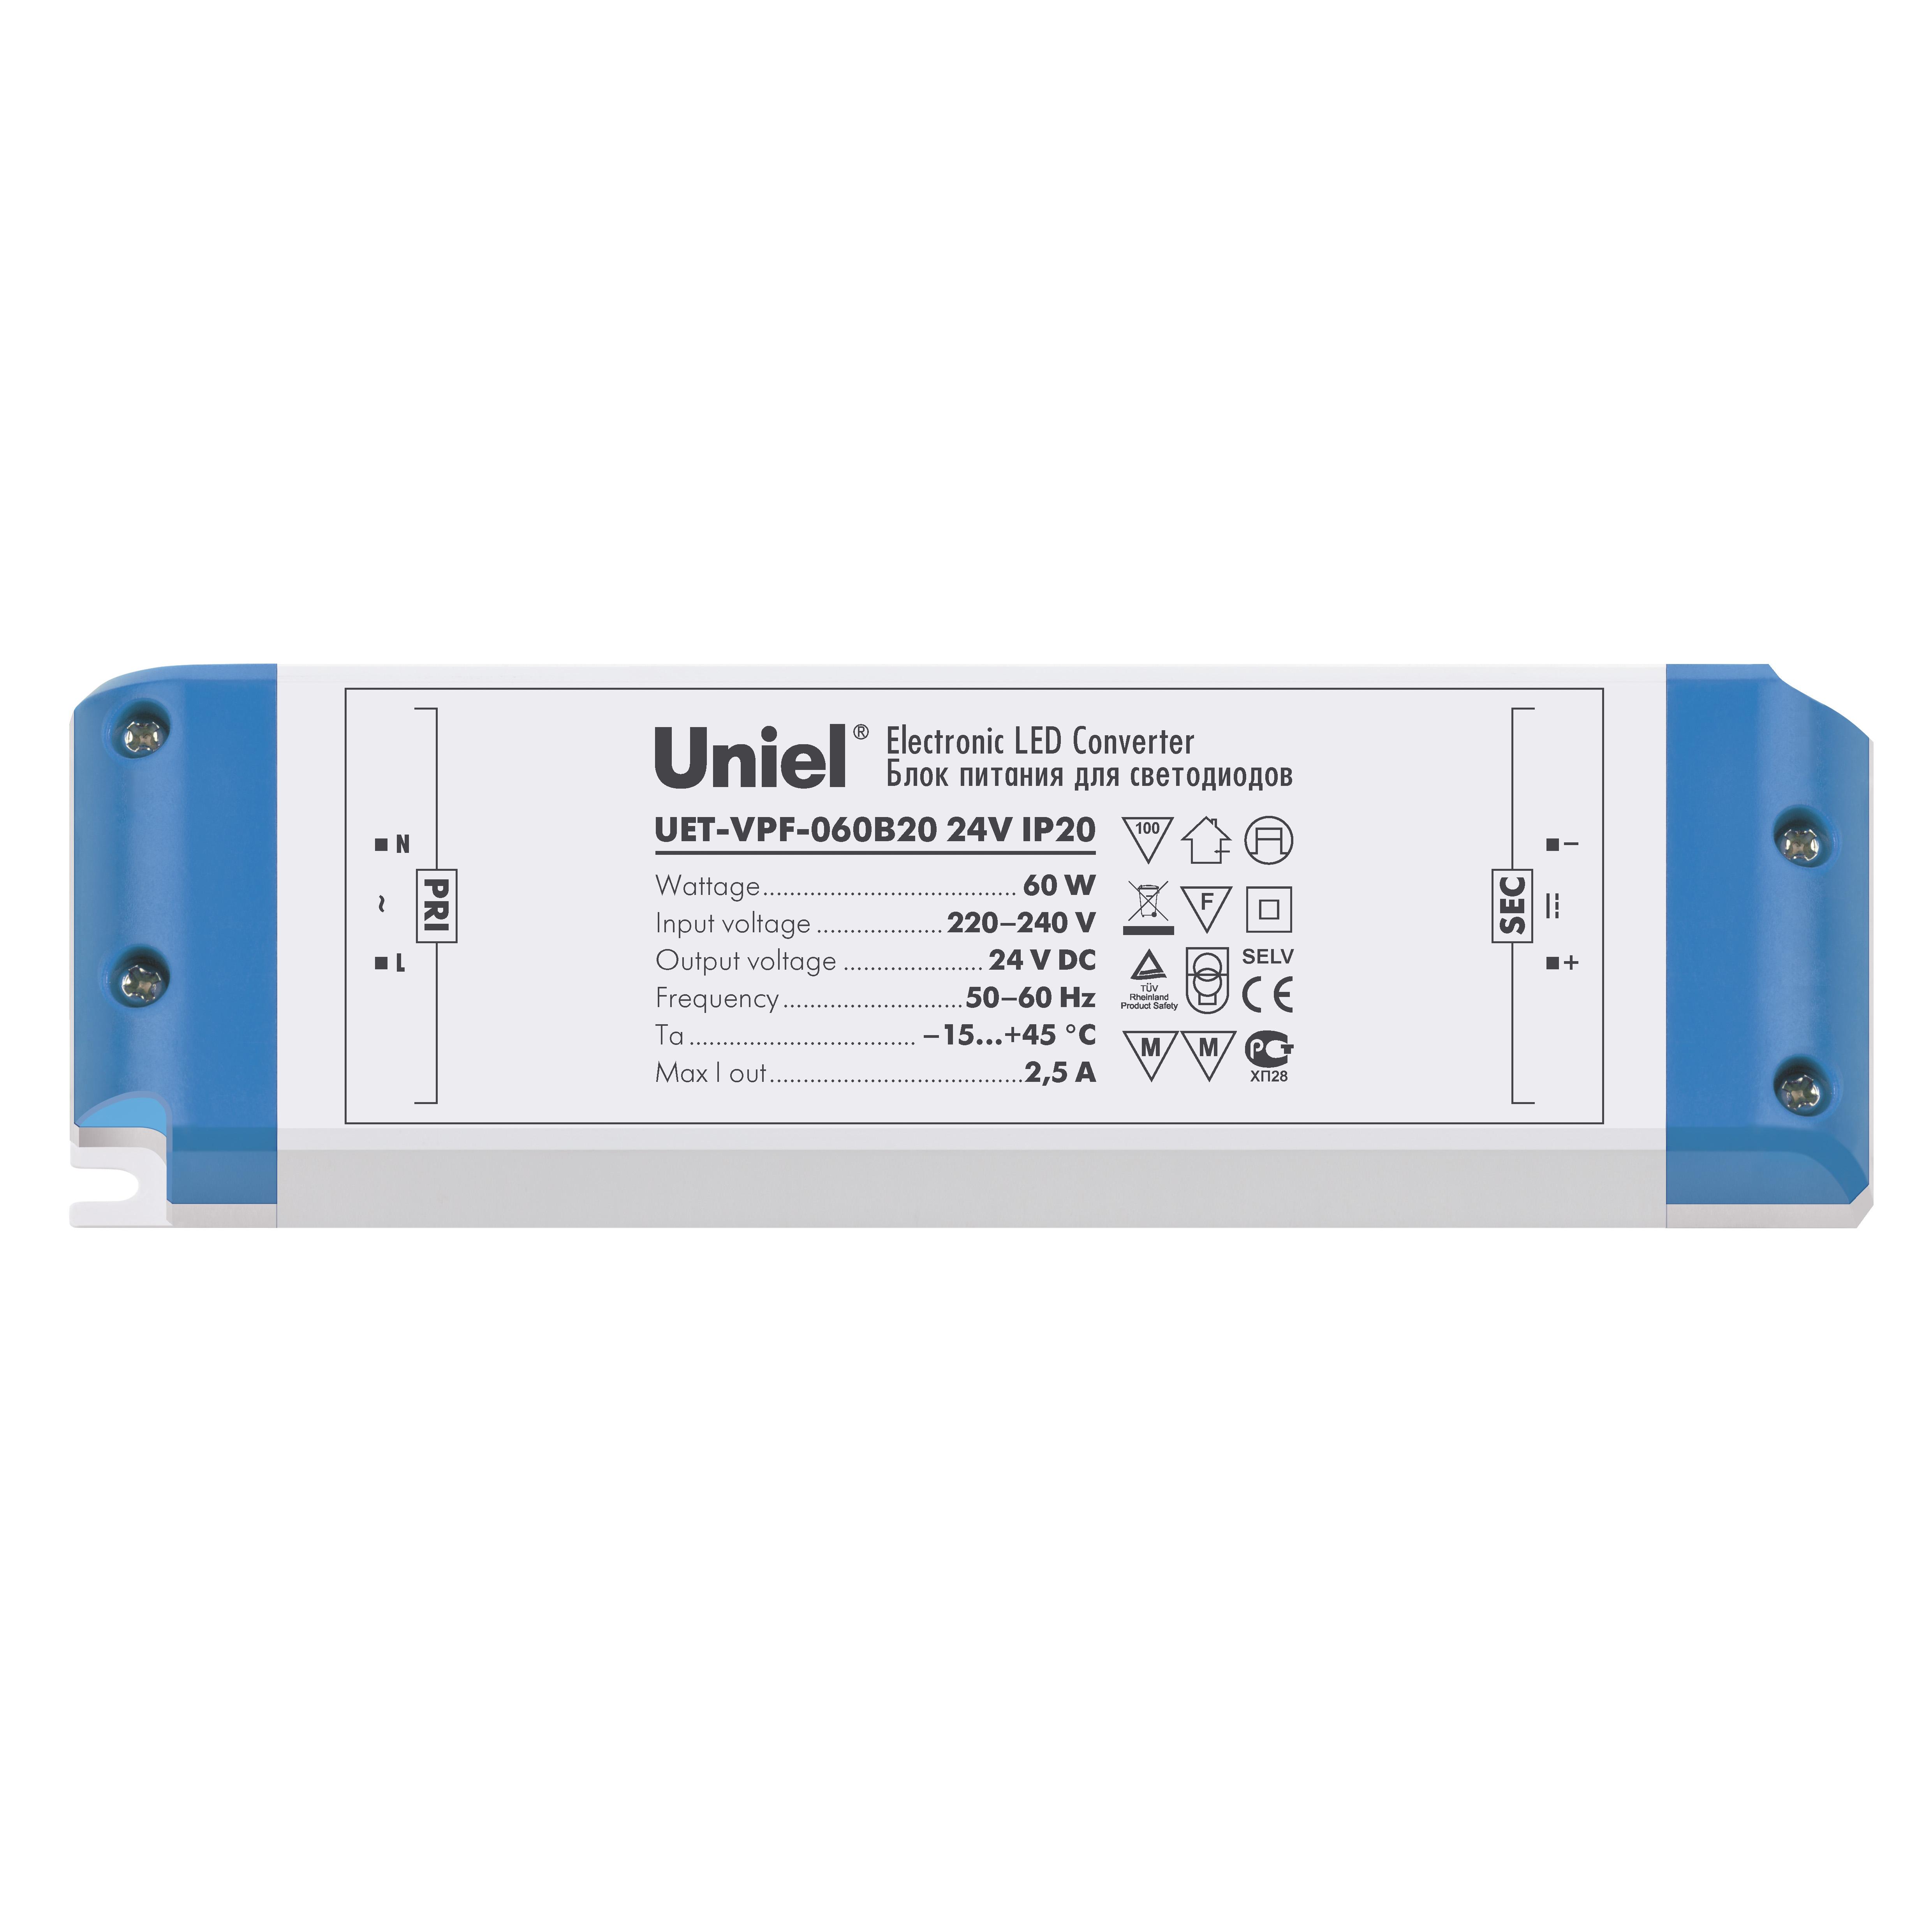 Блок питания Uniel Uet-vpf-060b20 блок питания swgroup 100w 24v